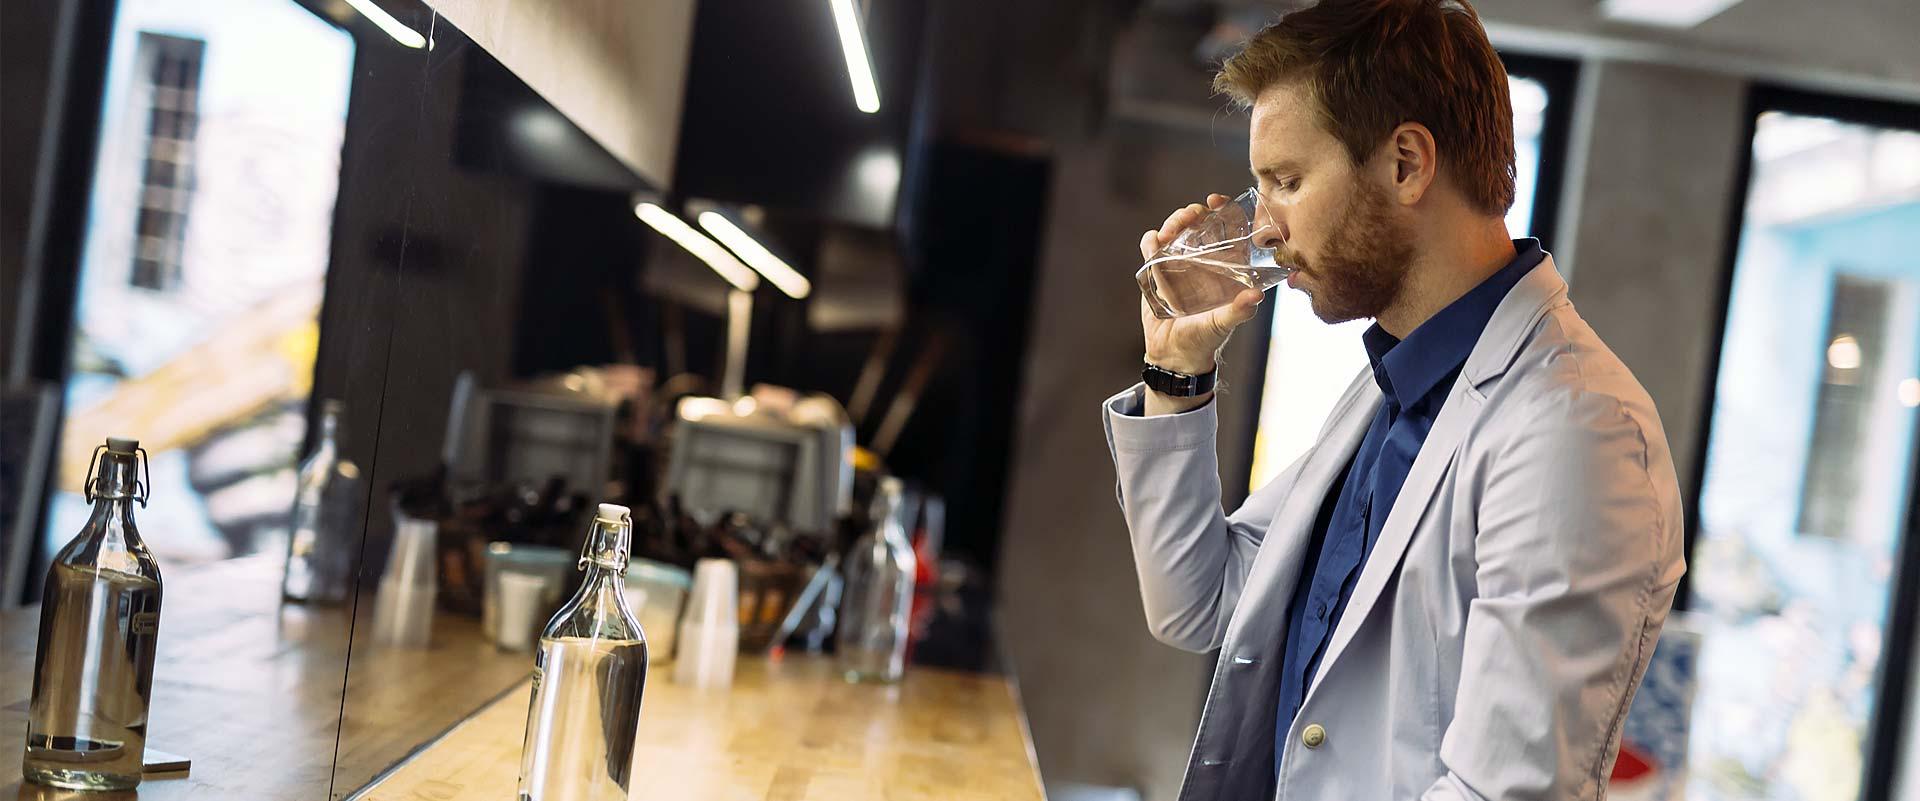 laborant pije wodę